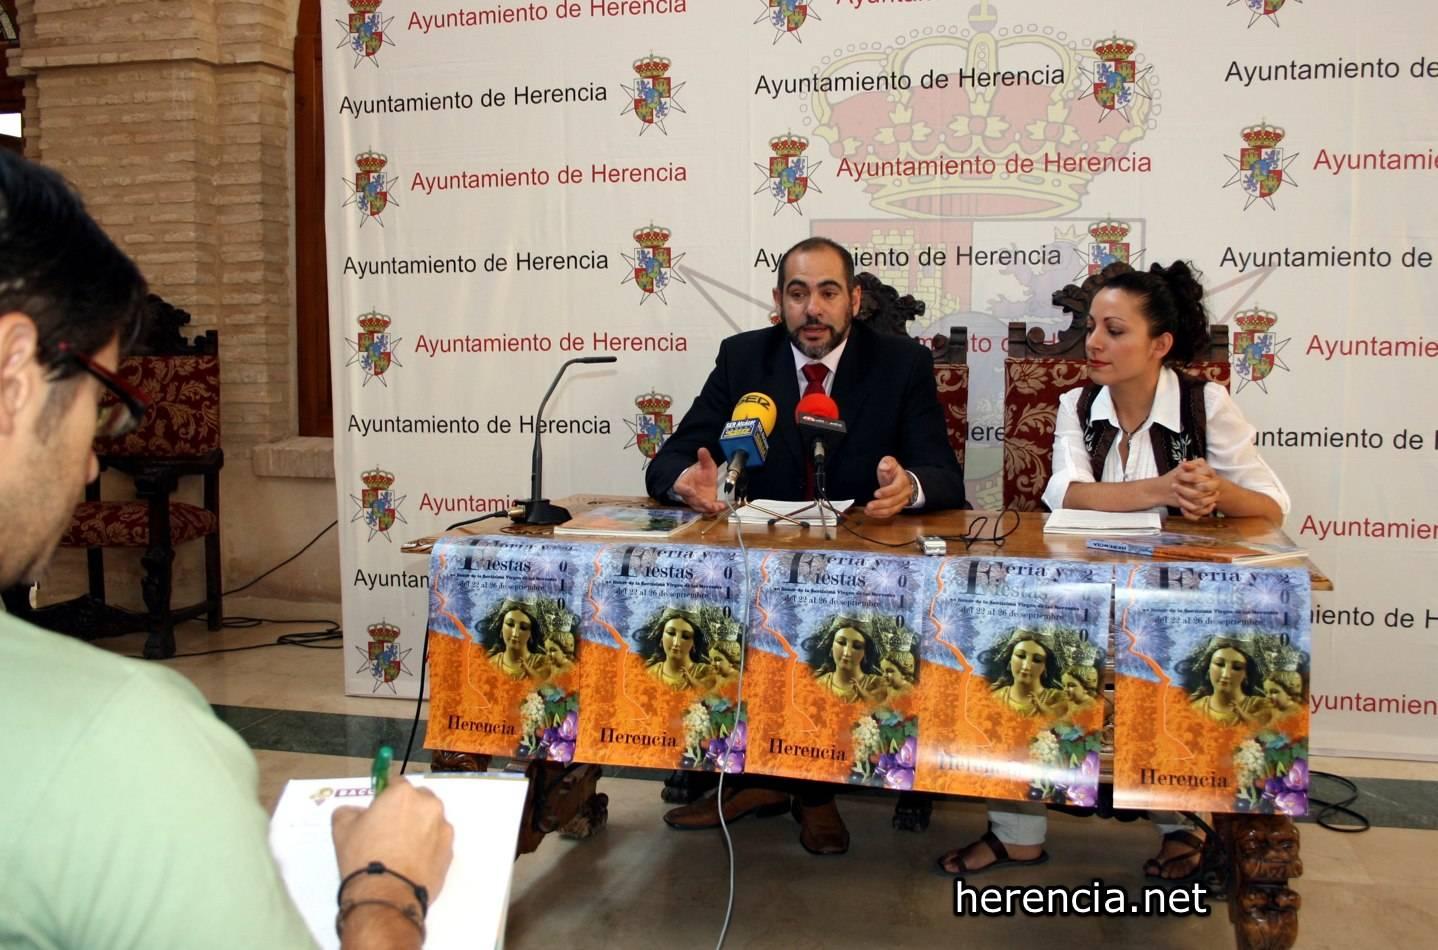 El Ayuntamiento de Herencia apuesta fuerte por el Patrimonio y el Turismo 7